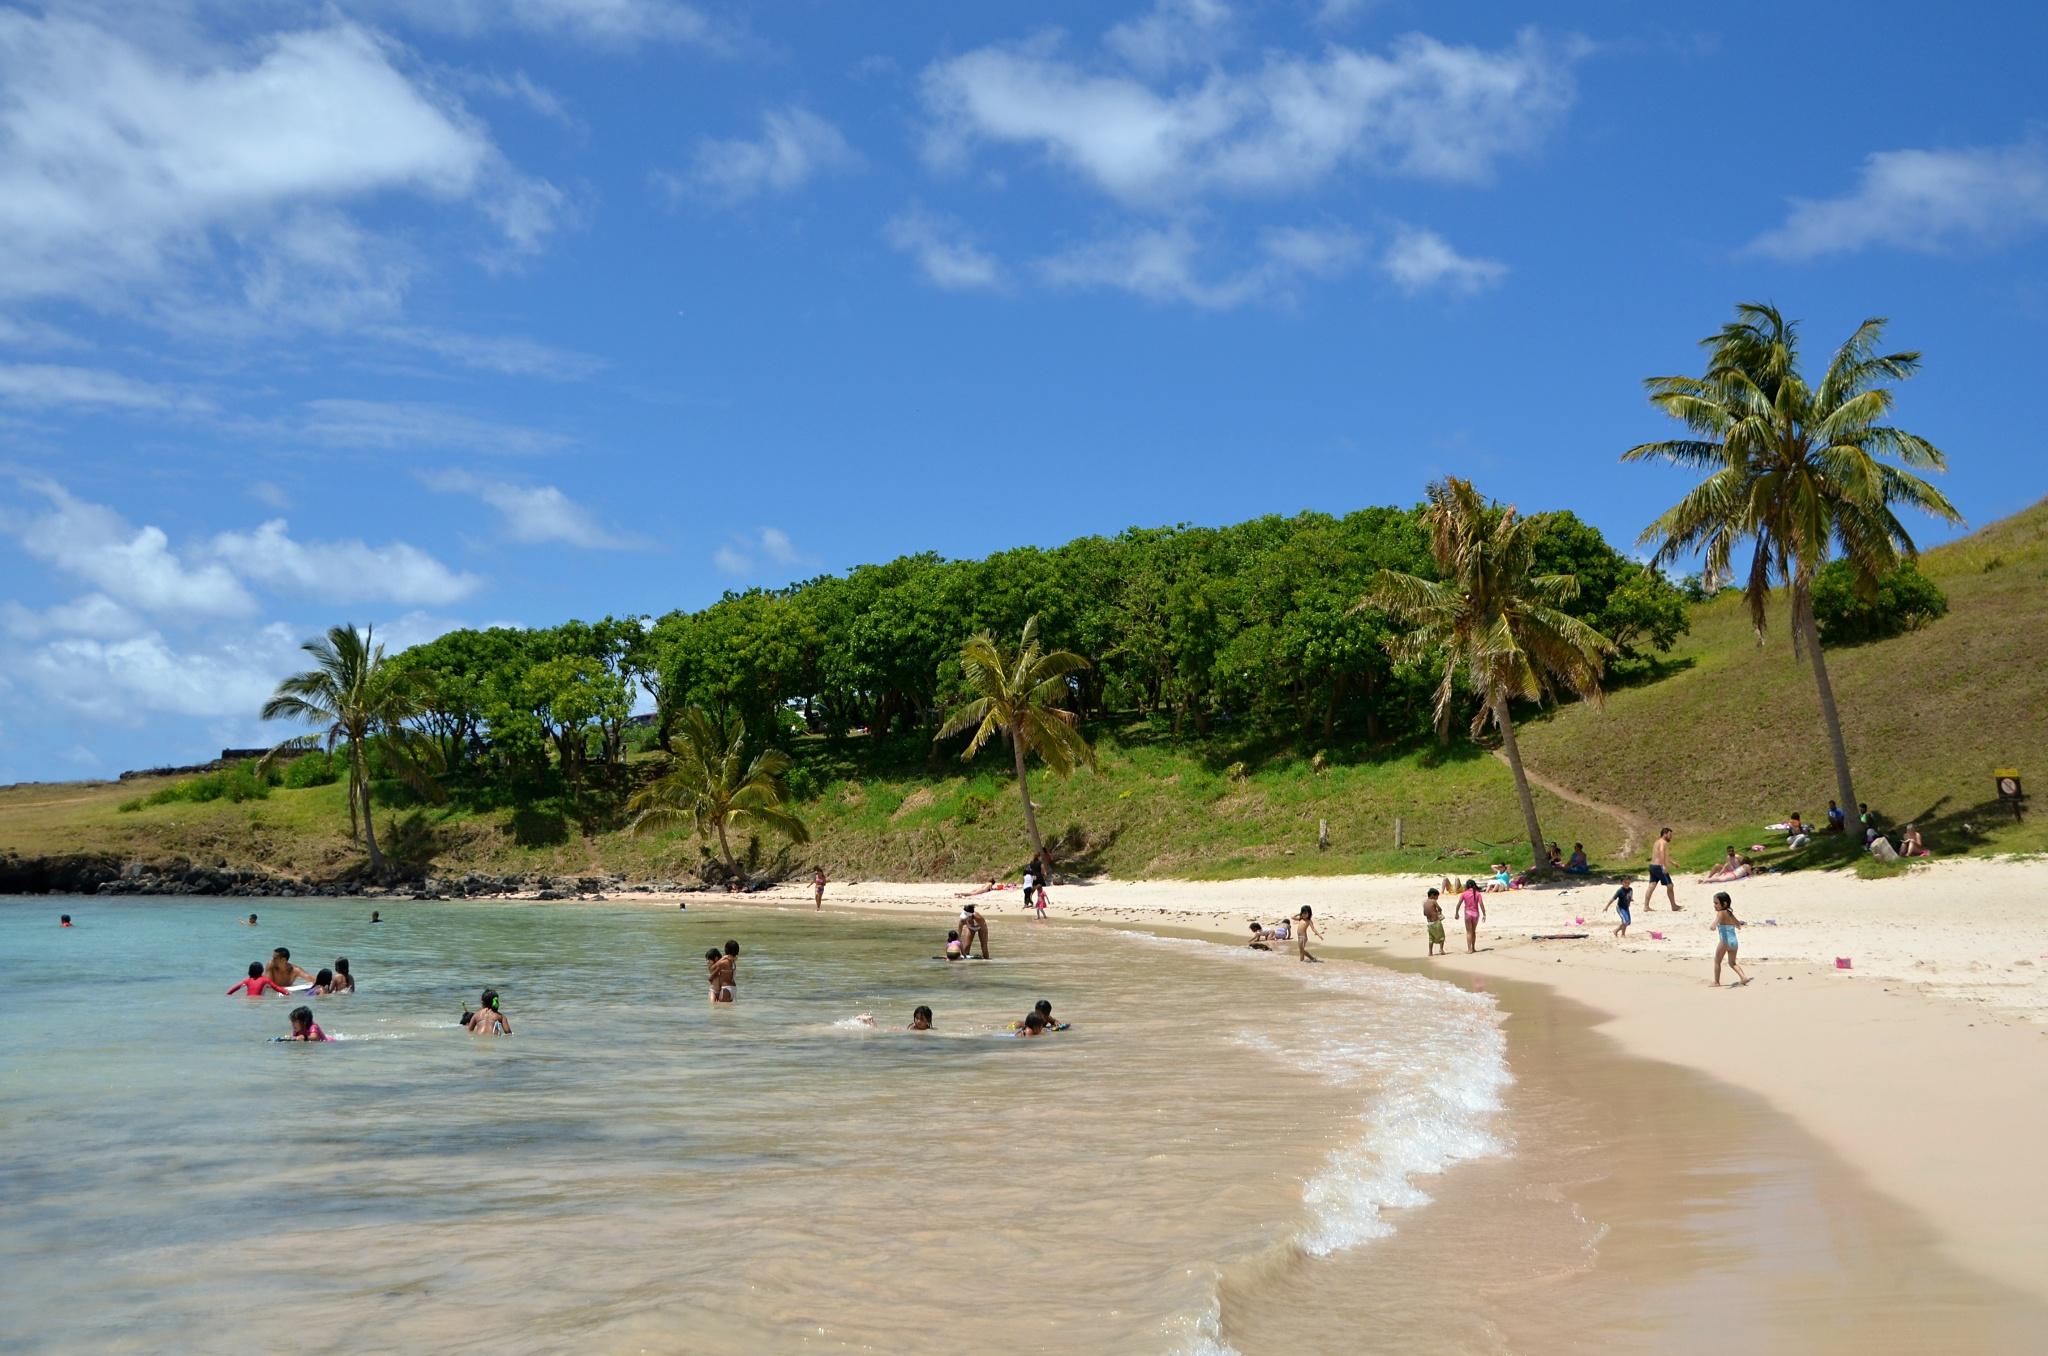 Koupající se lidé na pláži Anakena